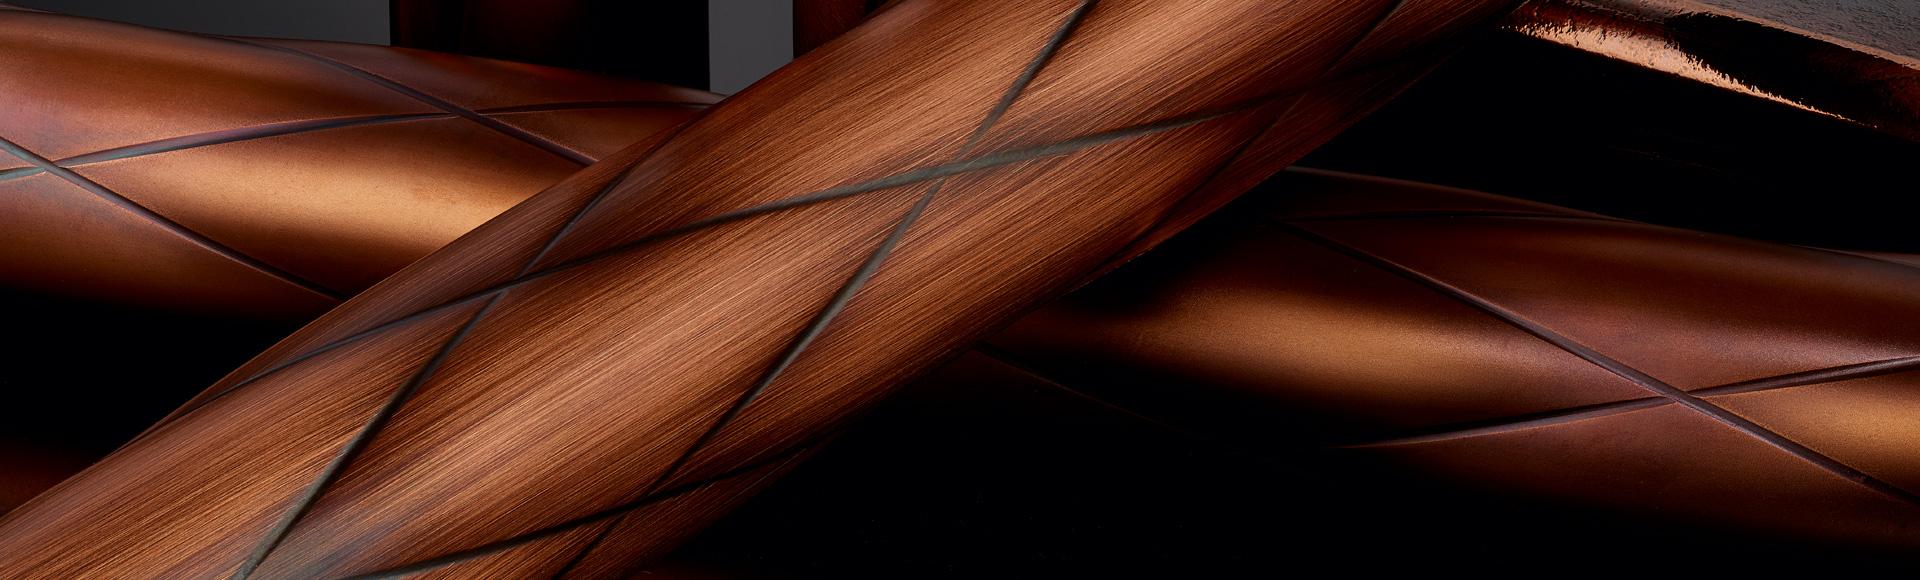 kupfer oxidized a. Black Bedroom Furniture Sets. Home Design Ideas